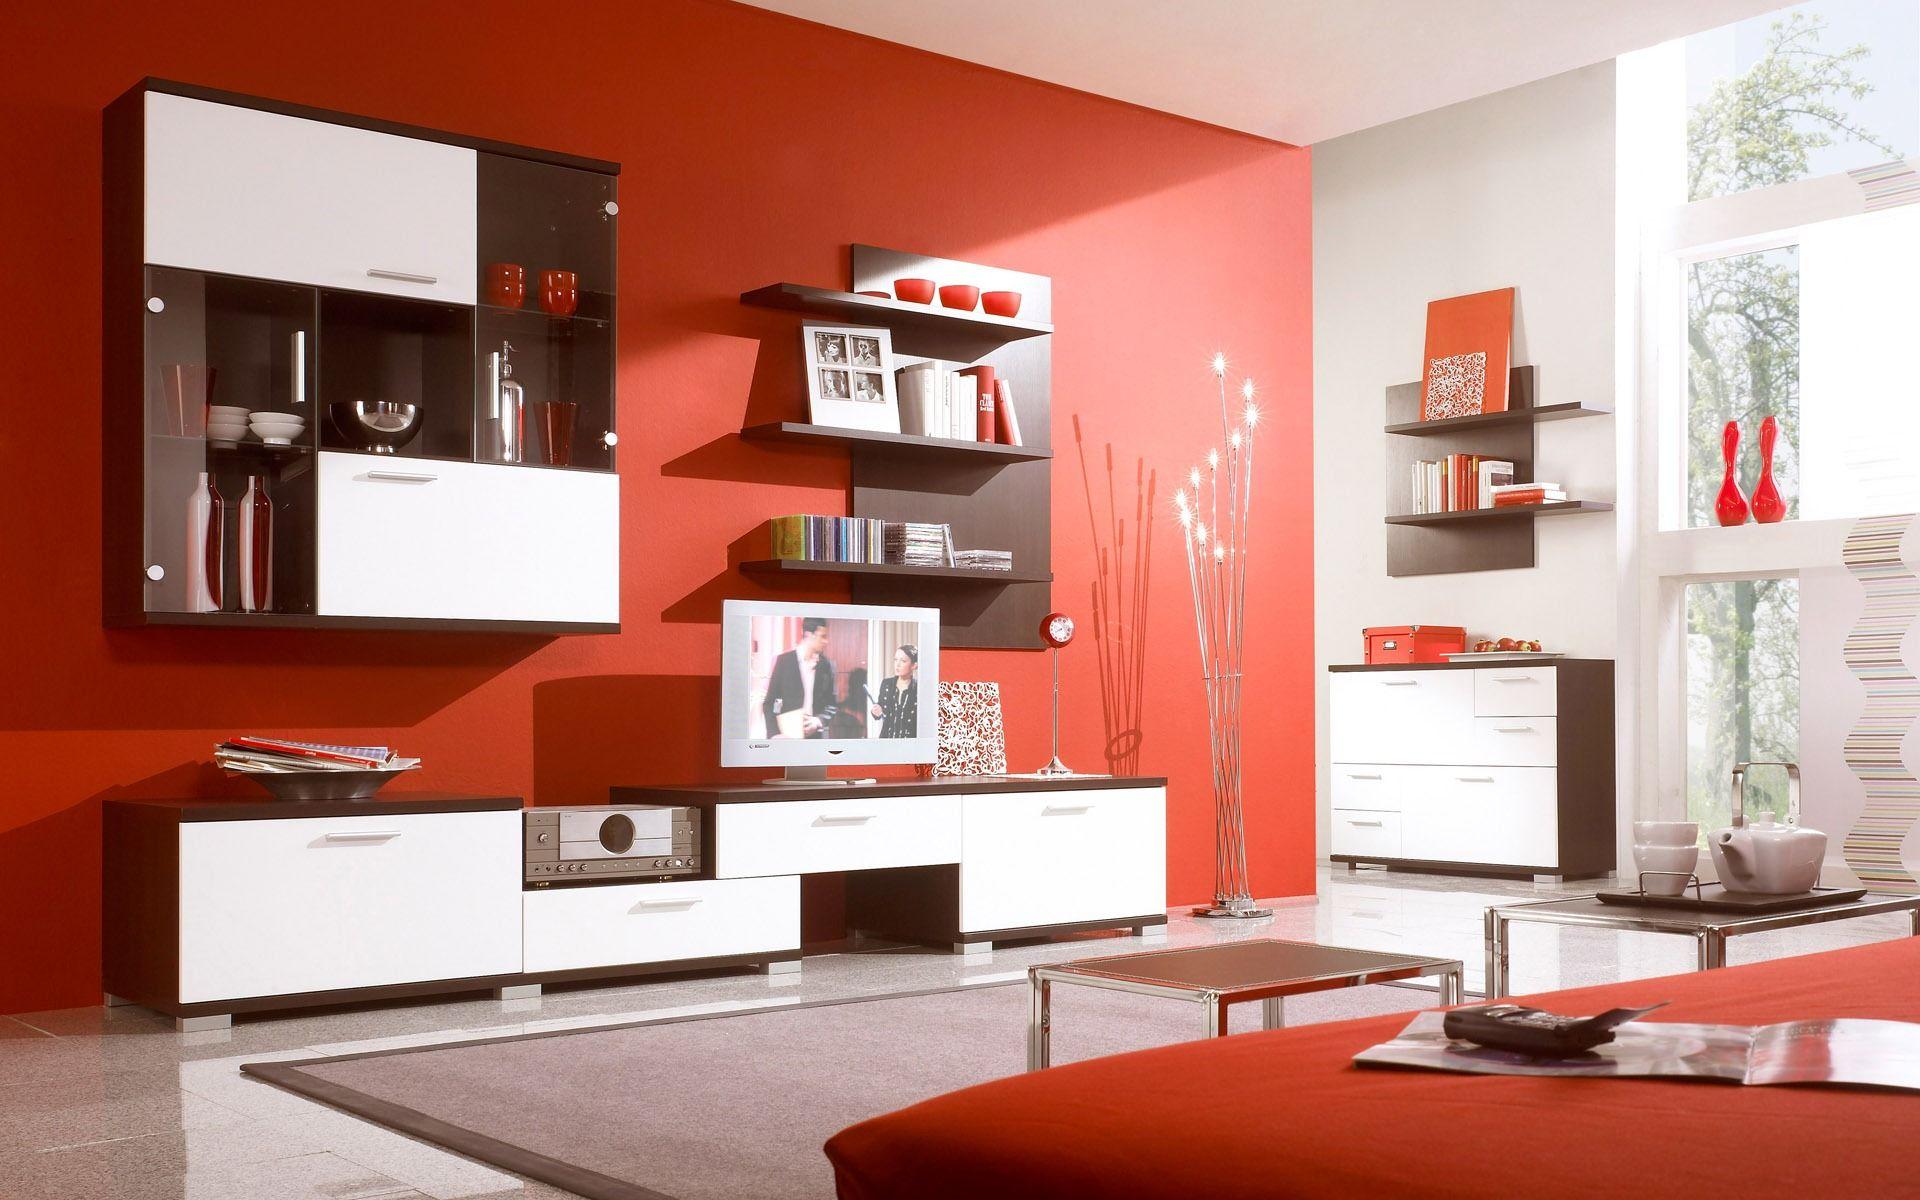 Innenarchitektur wohnzimmerfarbe pin von listdeluxe auf listdeluxe  pinterest  wohnzimmer